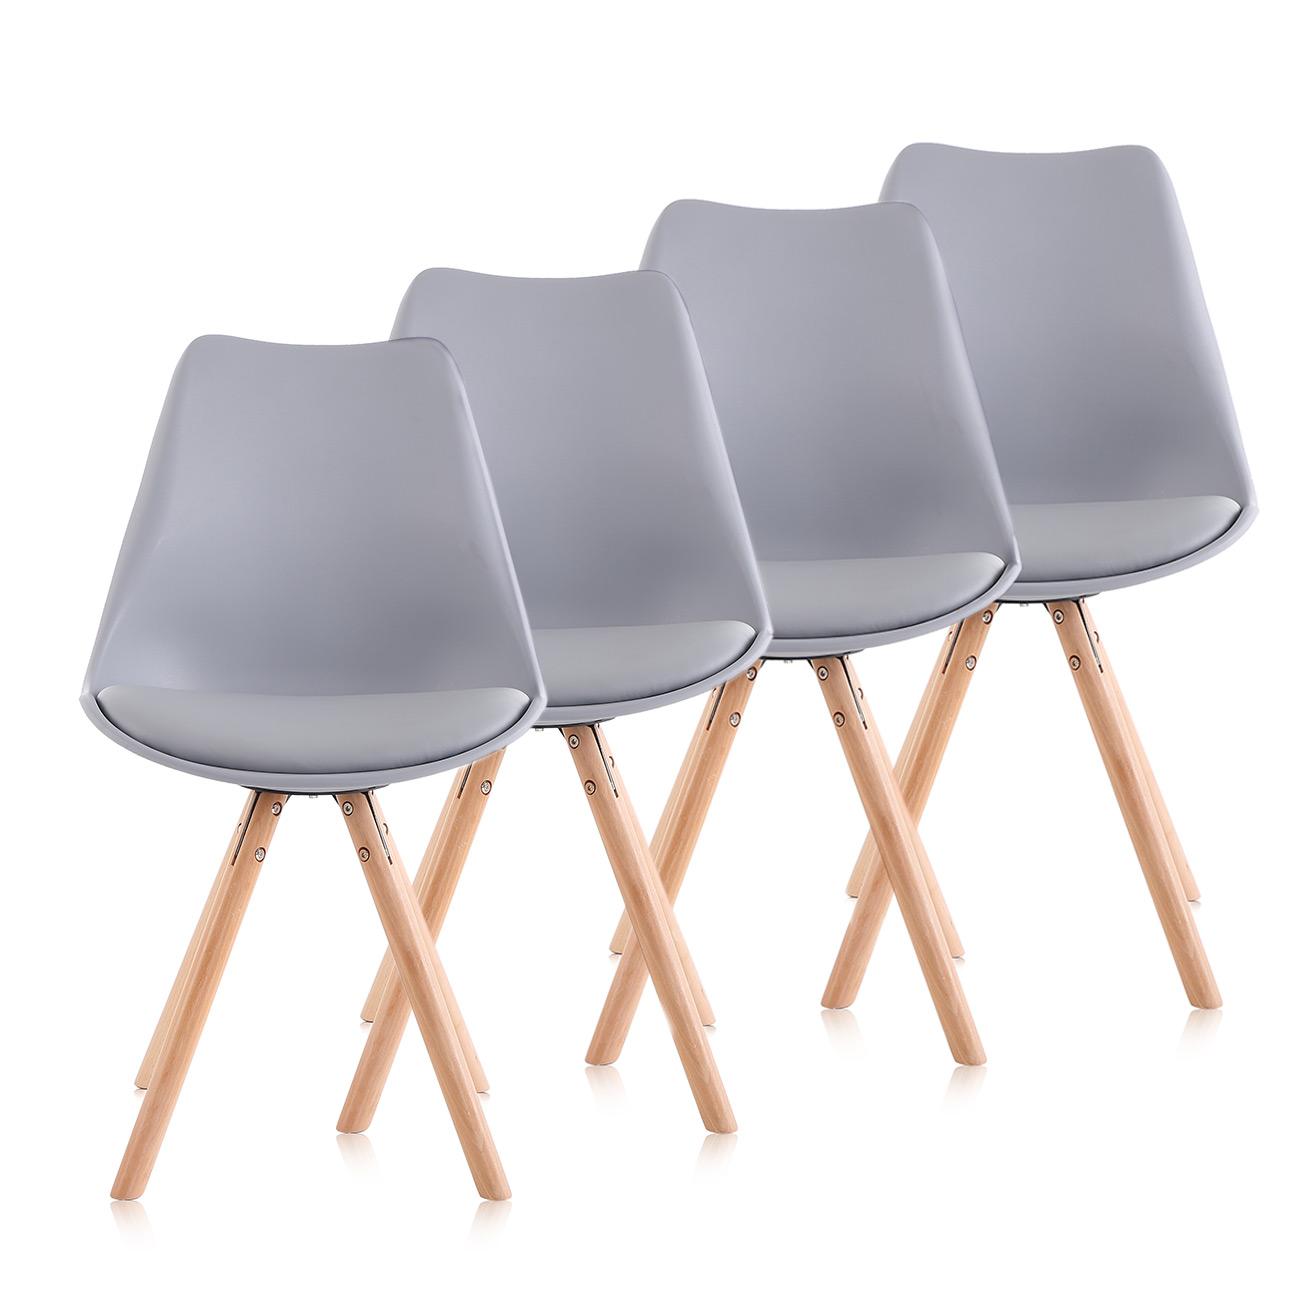 Dettagli su Sedia Design Sedia d'ufficio Mobili Retro da Pranzo Salotto  Mobili Gambe Makika